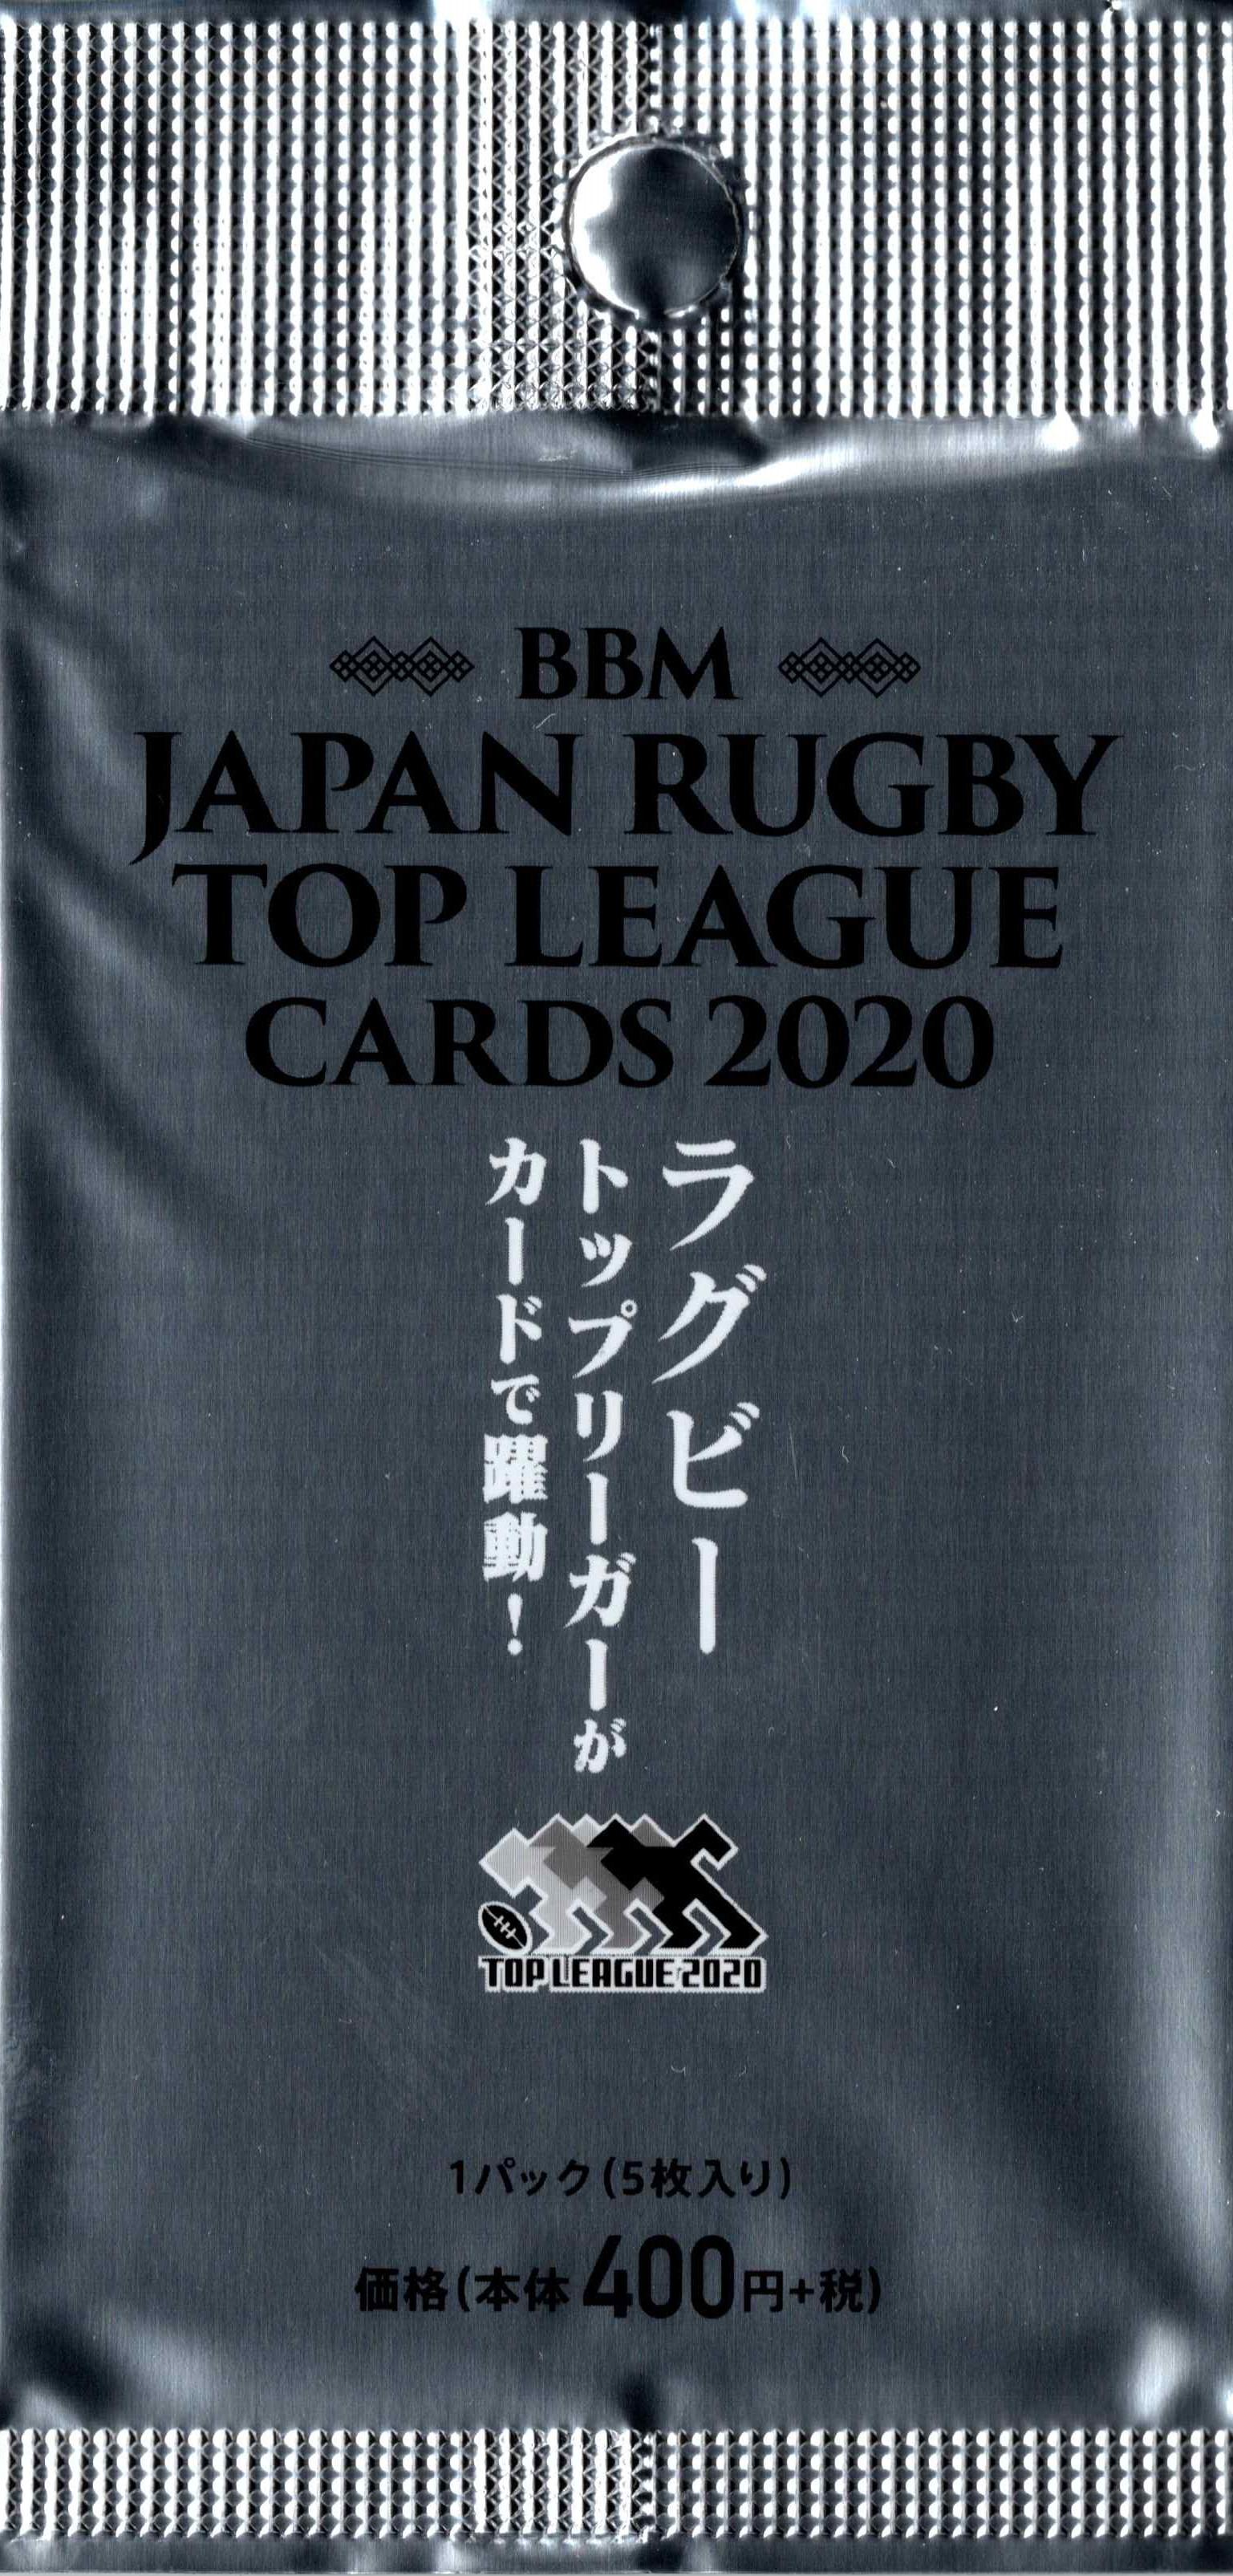 BBMジャパンラグビー トップリーグカード 2020 (1パック5枚入り)